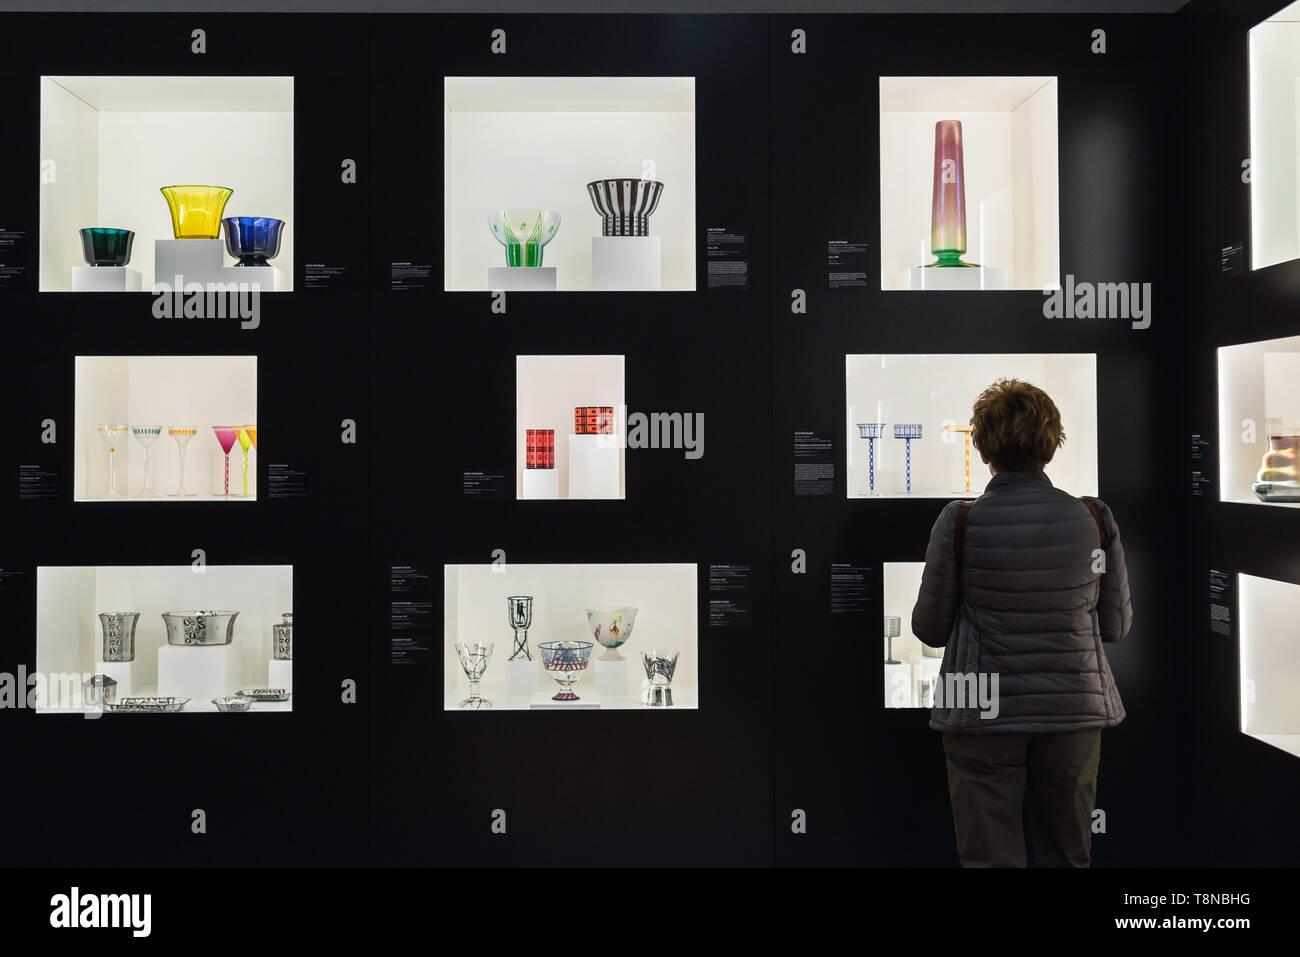 Leopold Museum Wien, Ansicht von hinten von einer Frau an einem Display von Glaswaren von Secession ära Künstler J Hoffmann und O Prutscher, Wien, Österreich. Stockbild